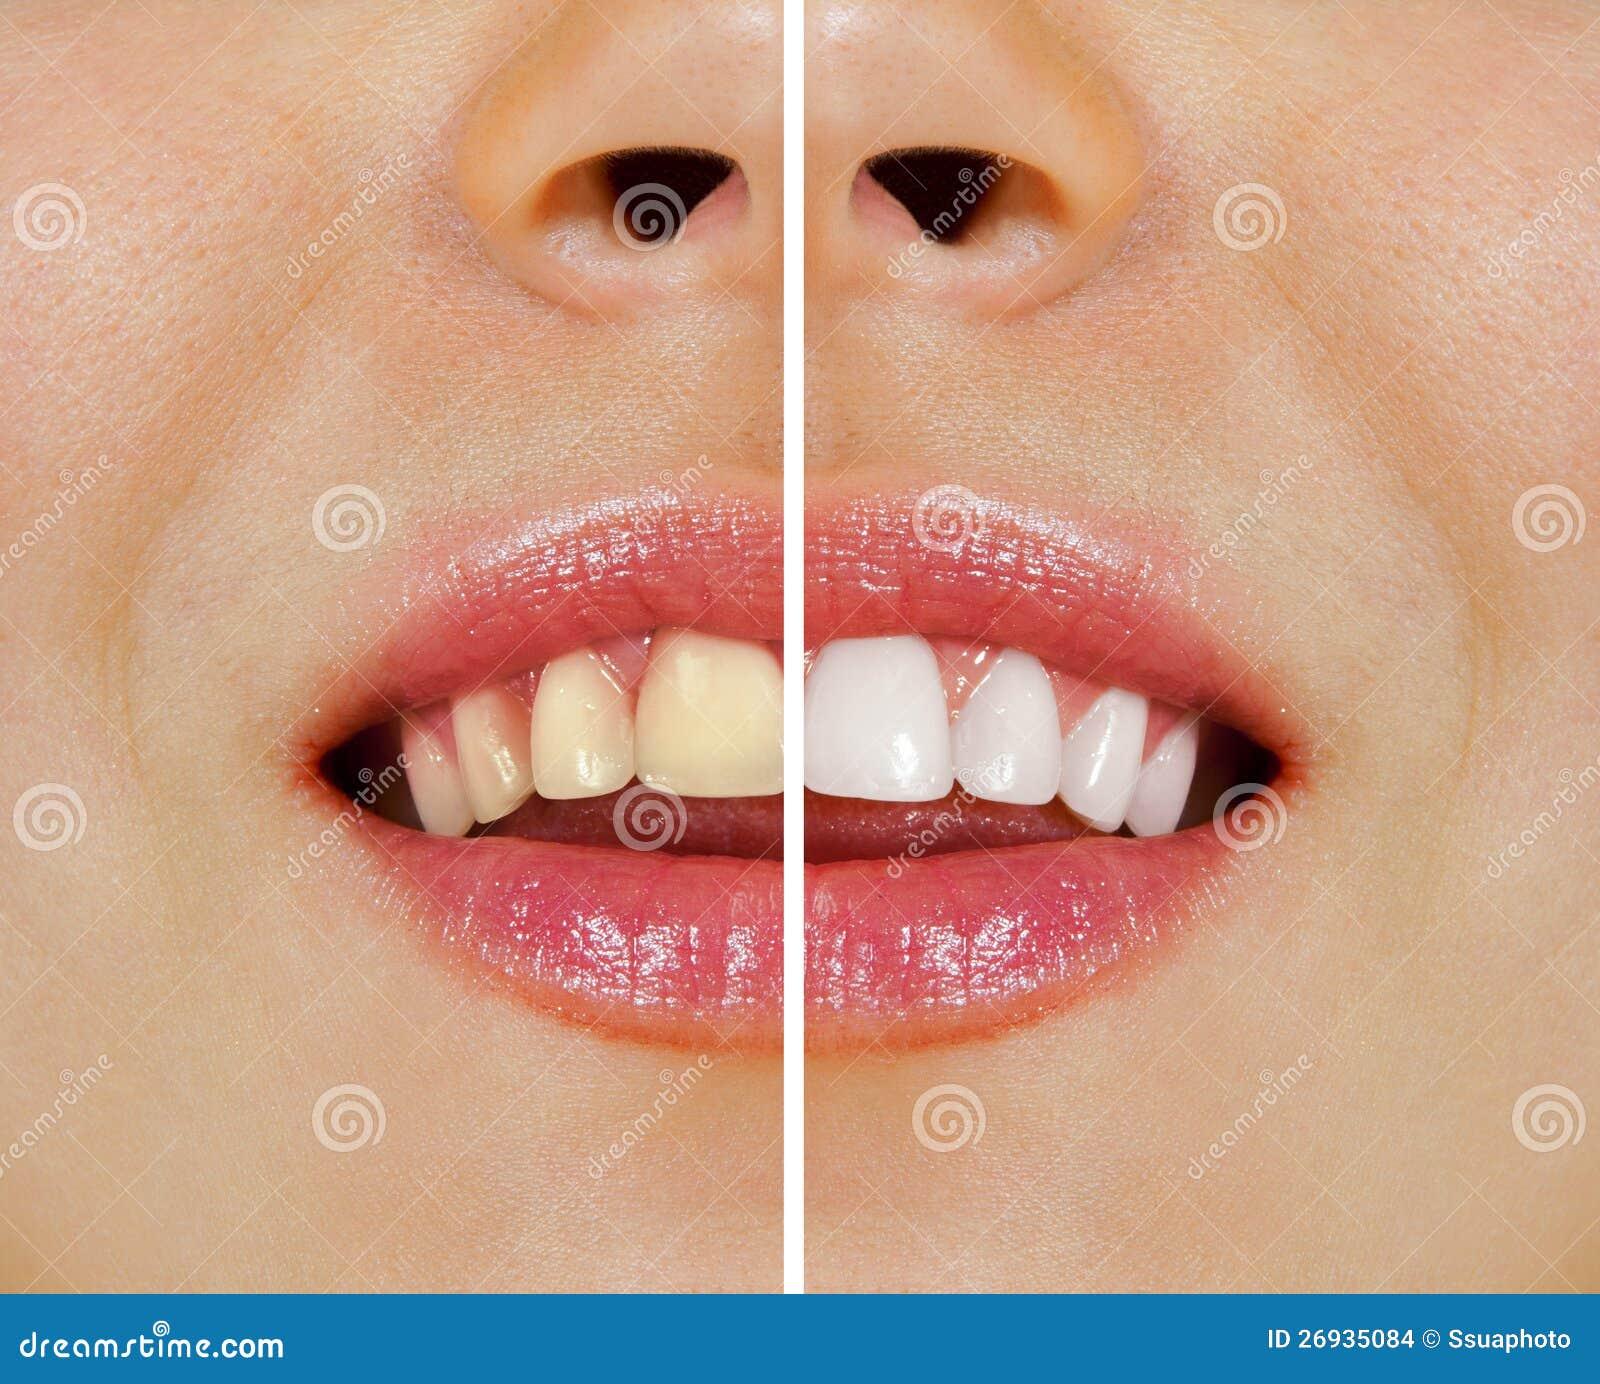 Dentes antes e depois de whitening